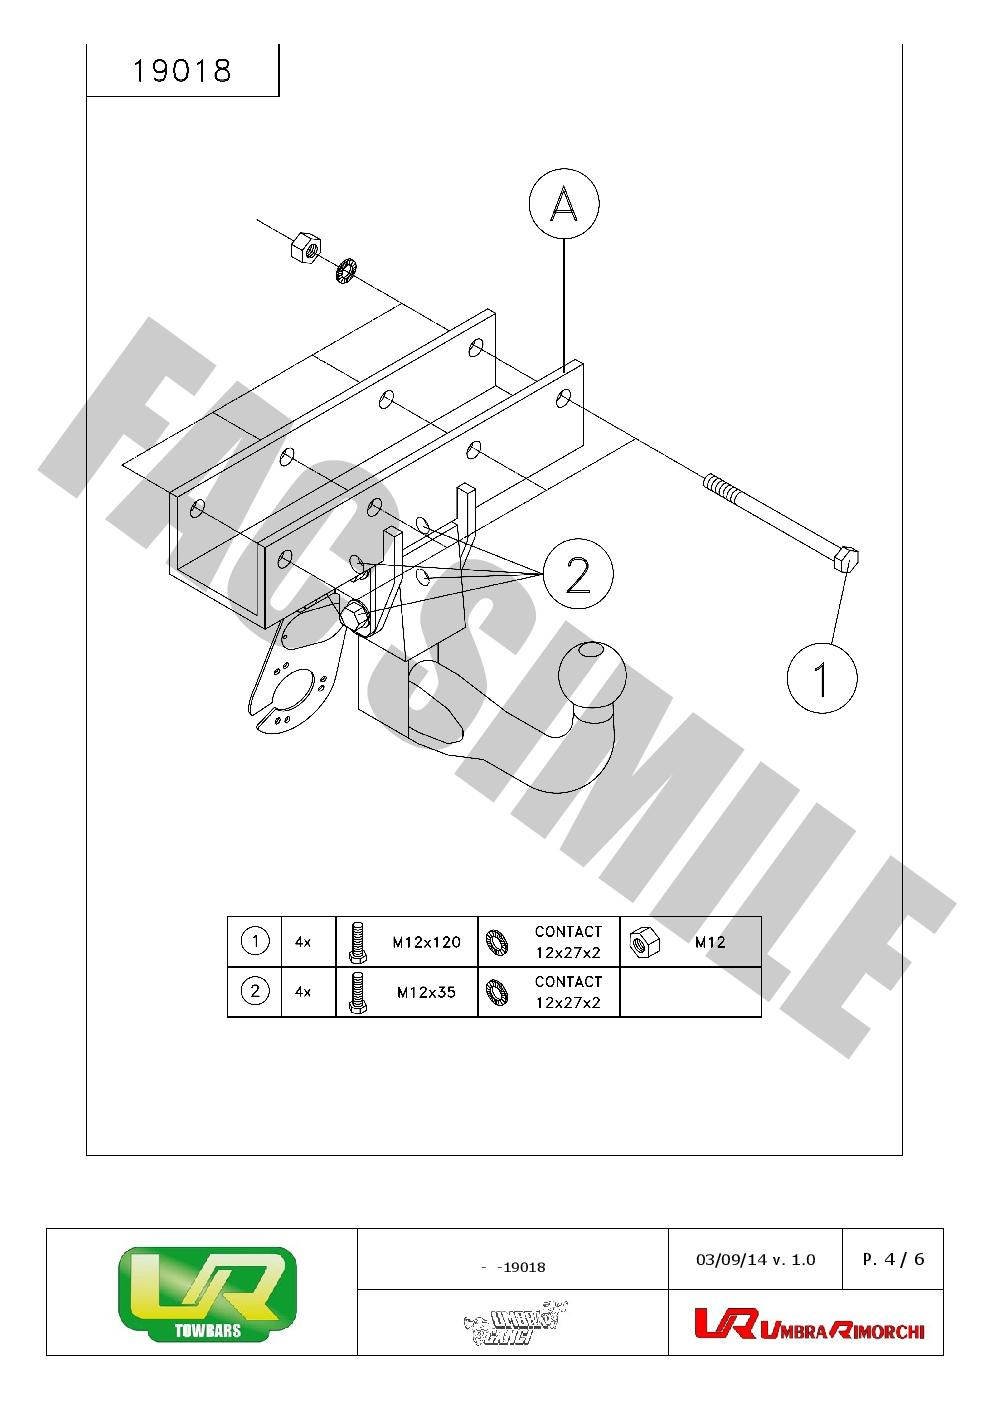 Bola-Remolque-Vert-Kit-C2-13-pin-para-Jeep-Wrangler-4WD-039-11-2007-19018-E1